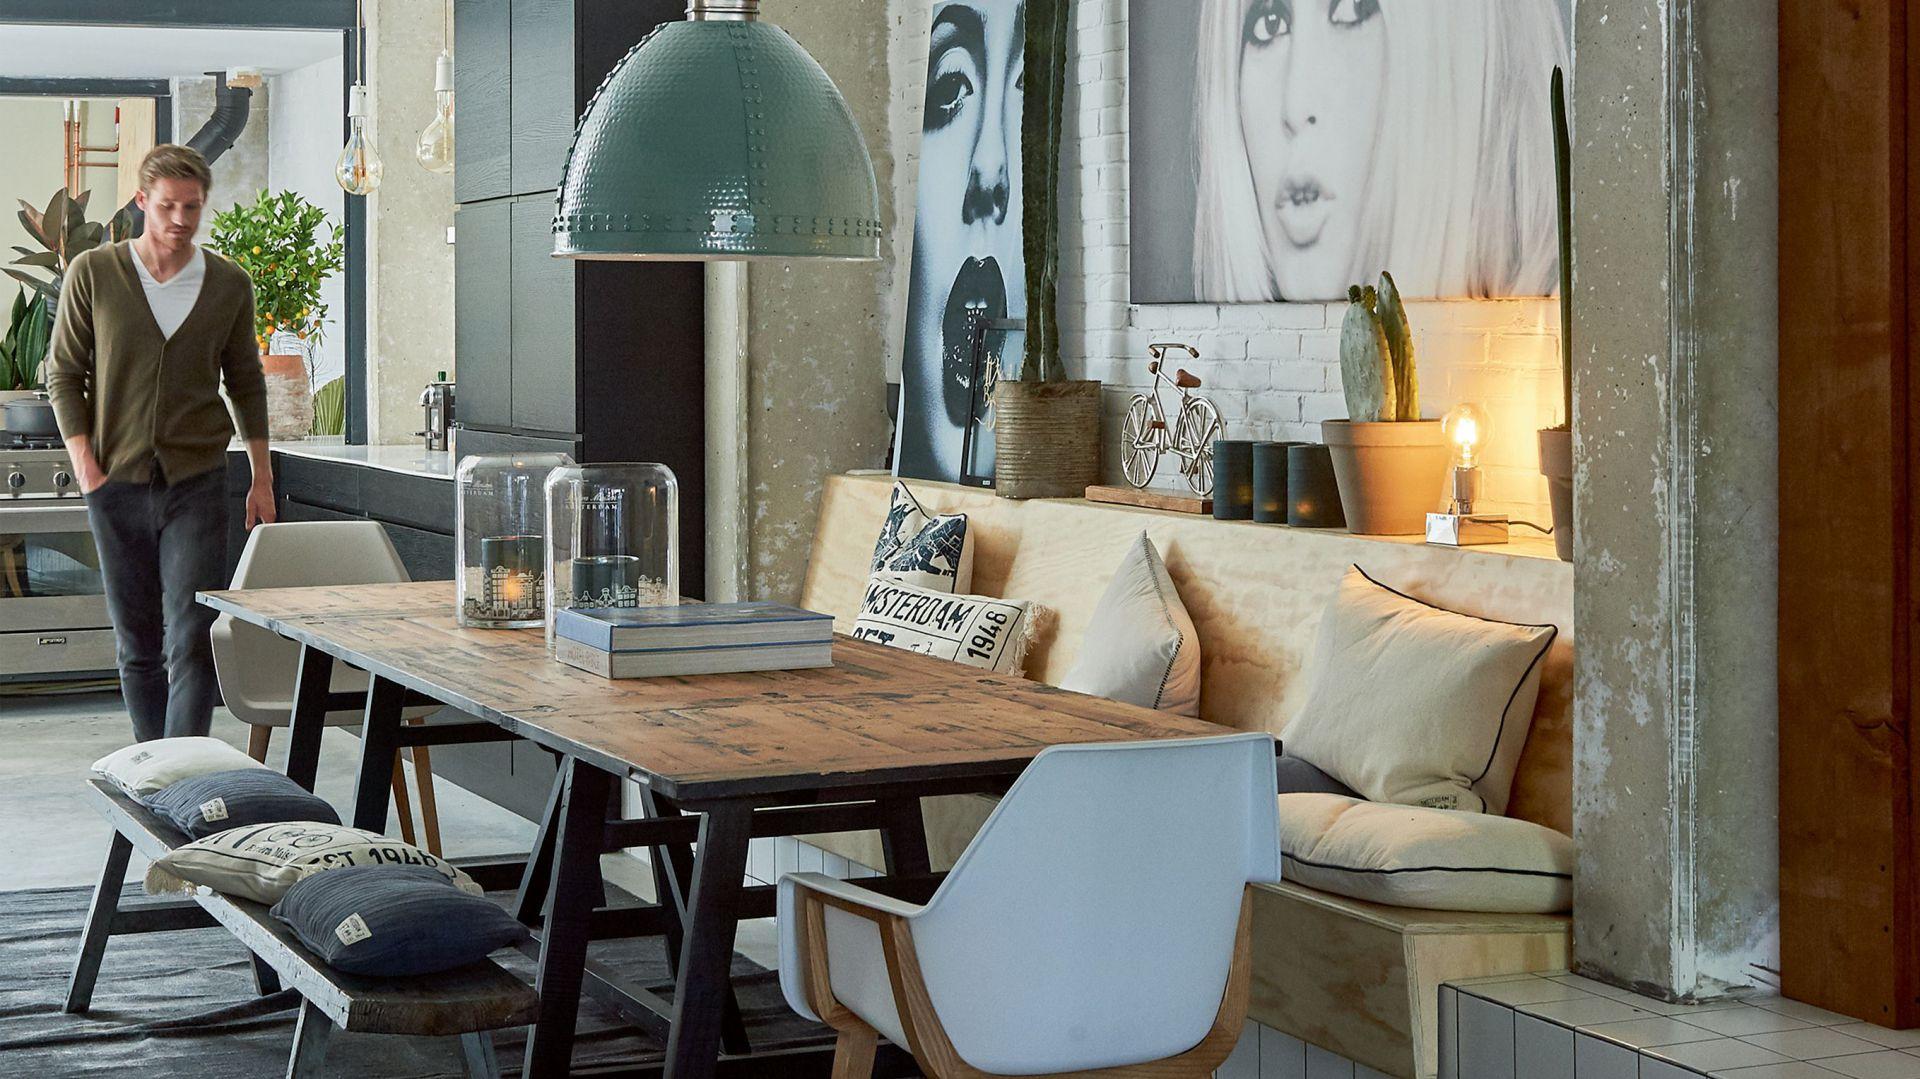 Rozkładany stół jadalniany Cala Bassa(80/160x80 cm) z  kolekcji Amsterdam Loft inspirowanej stylem holenderskich domów. 5.495 zł. Fot. Riviera Maison